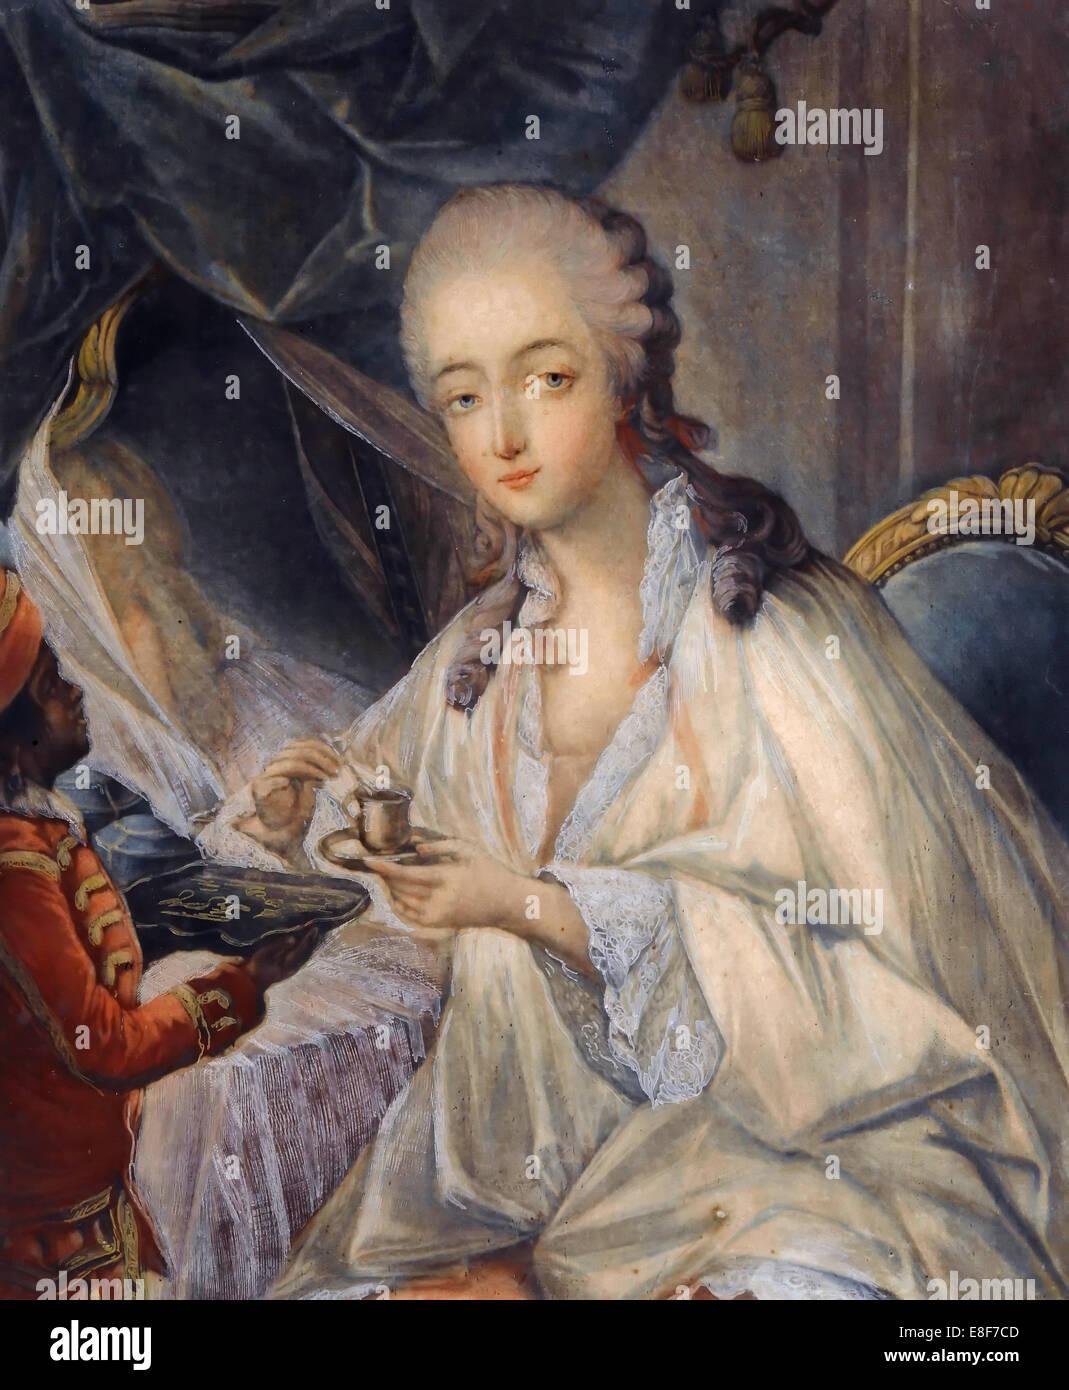 Jeanne Bécu, comtesse Du Barry (1743-1793) with a cup of coffee. Artist: Gautier Dagoty, Jean-Baptiste André - Stock Image